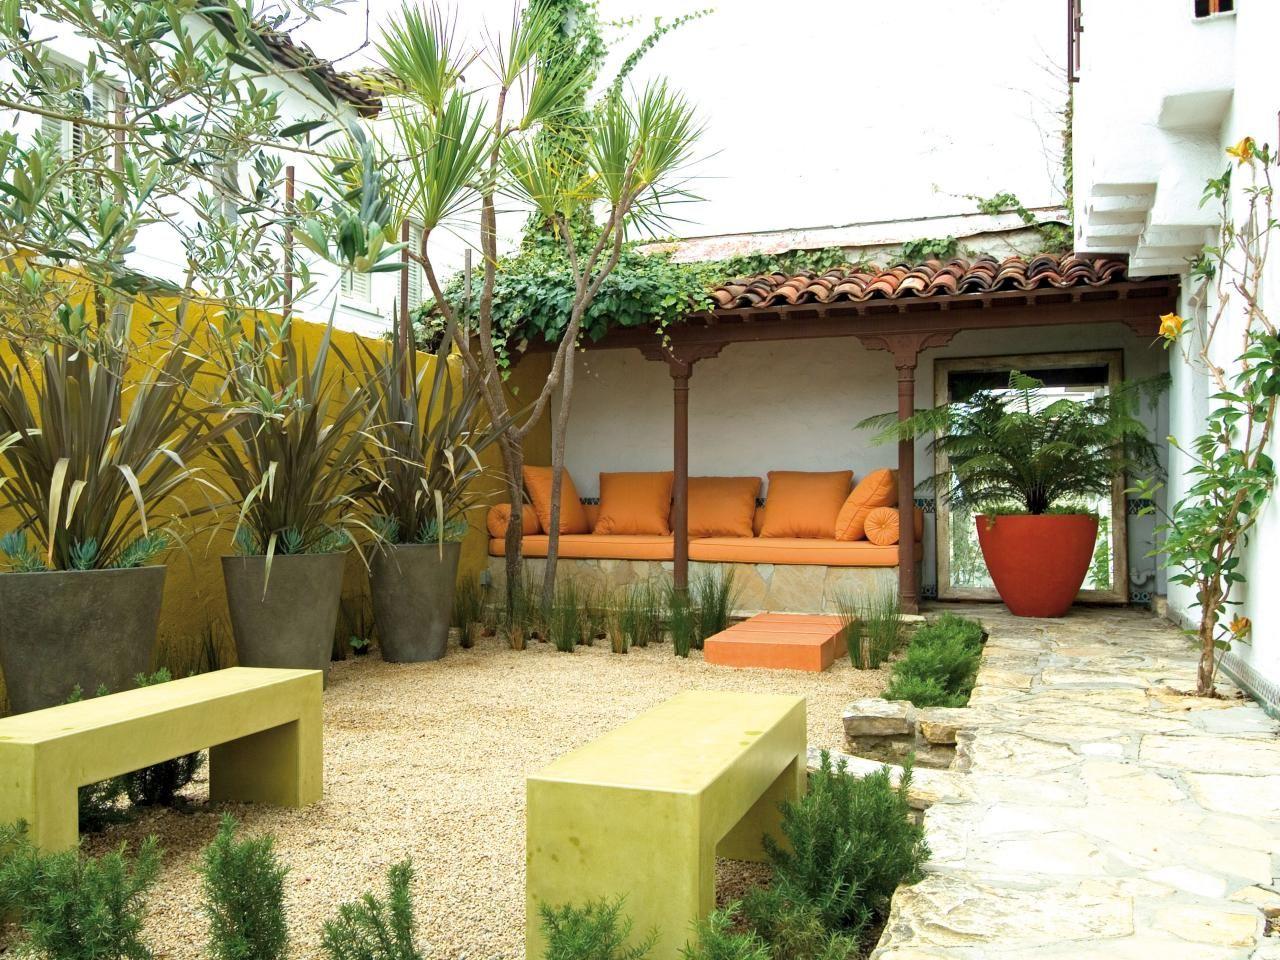 Aménagement jardin contemporain en style minimaliste